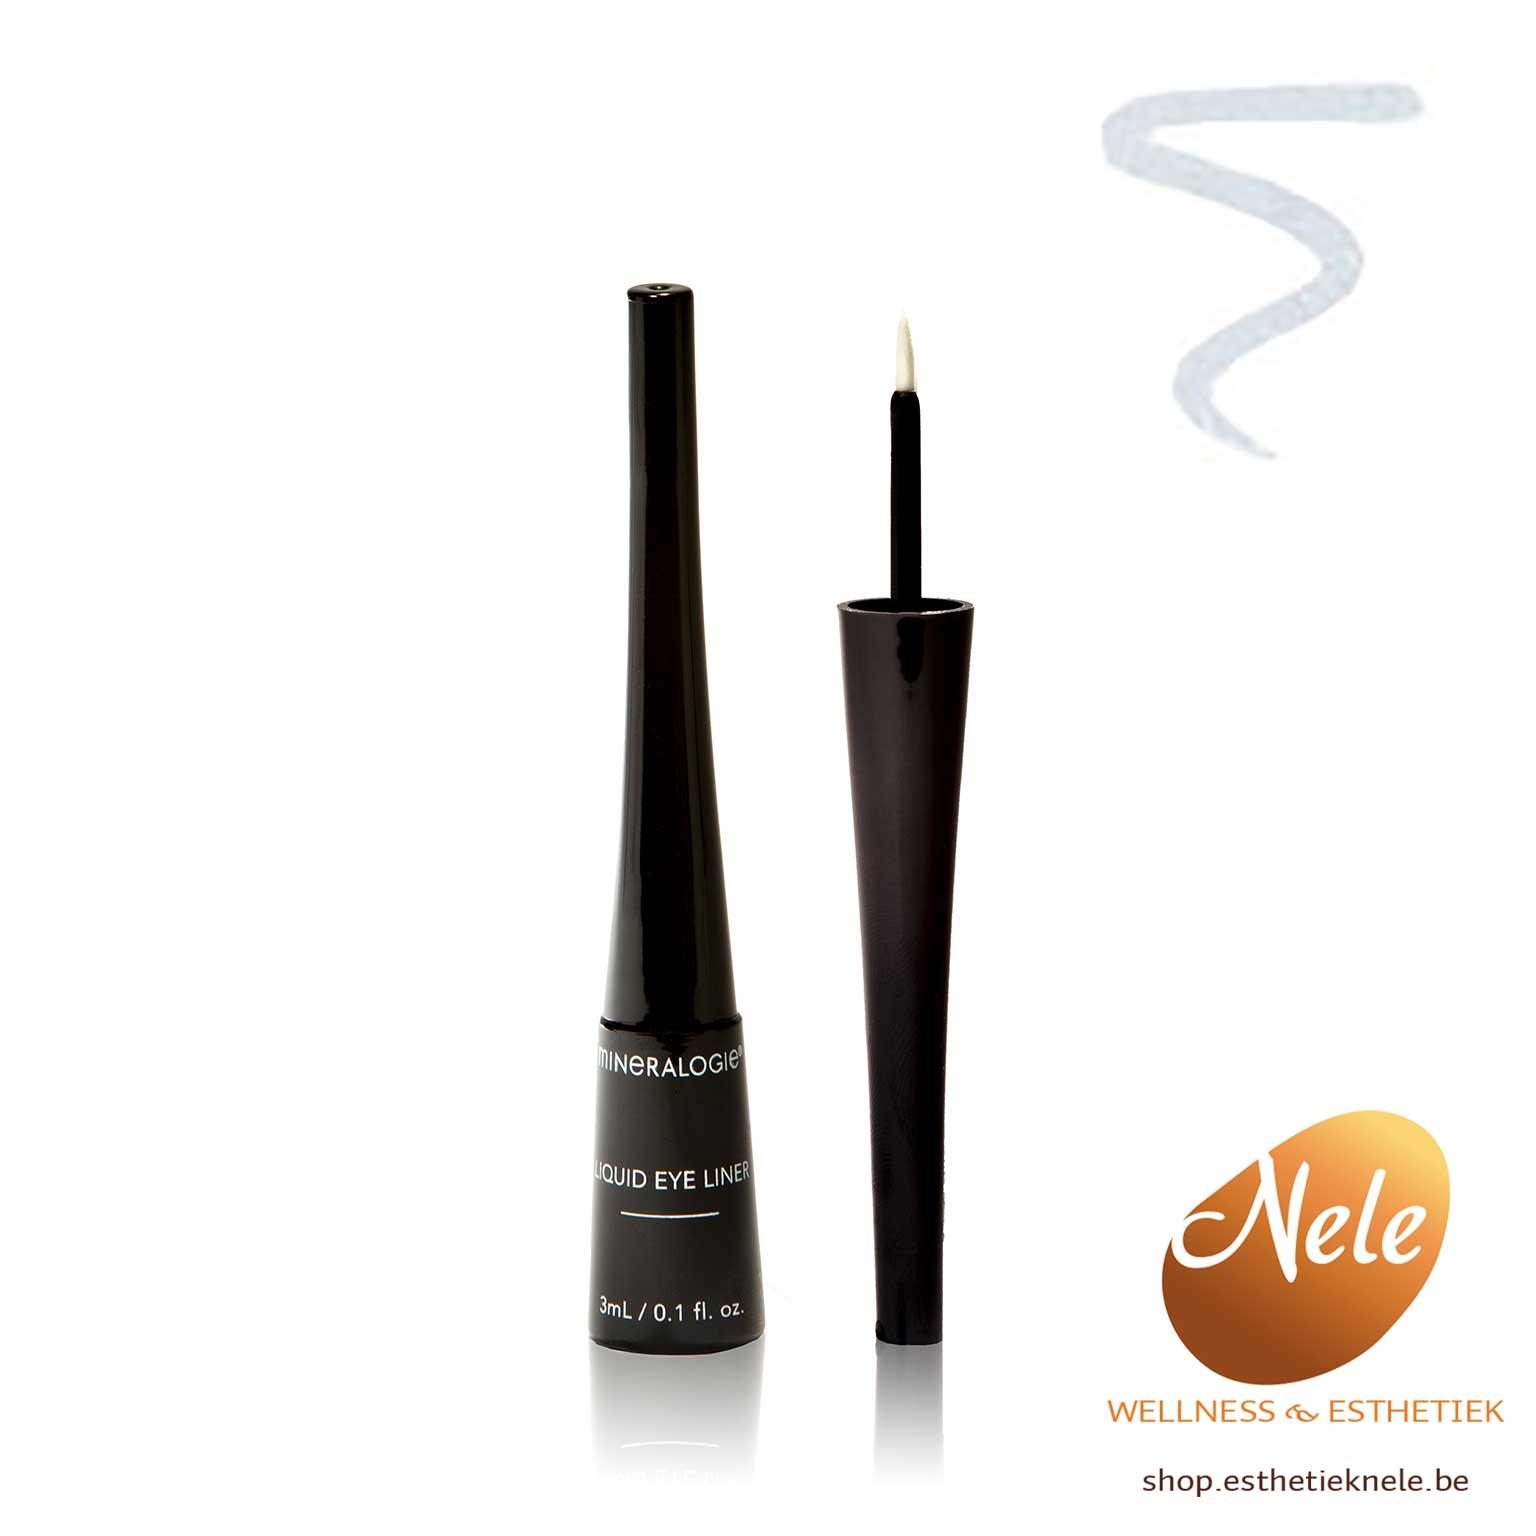 Mineralogie Minerale Make-up Liquid EyeLiner Nude Wellness Esthetiek Nele